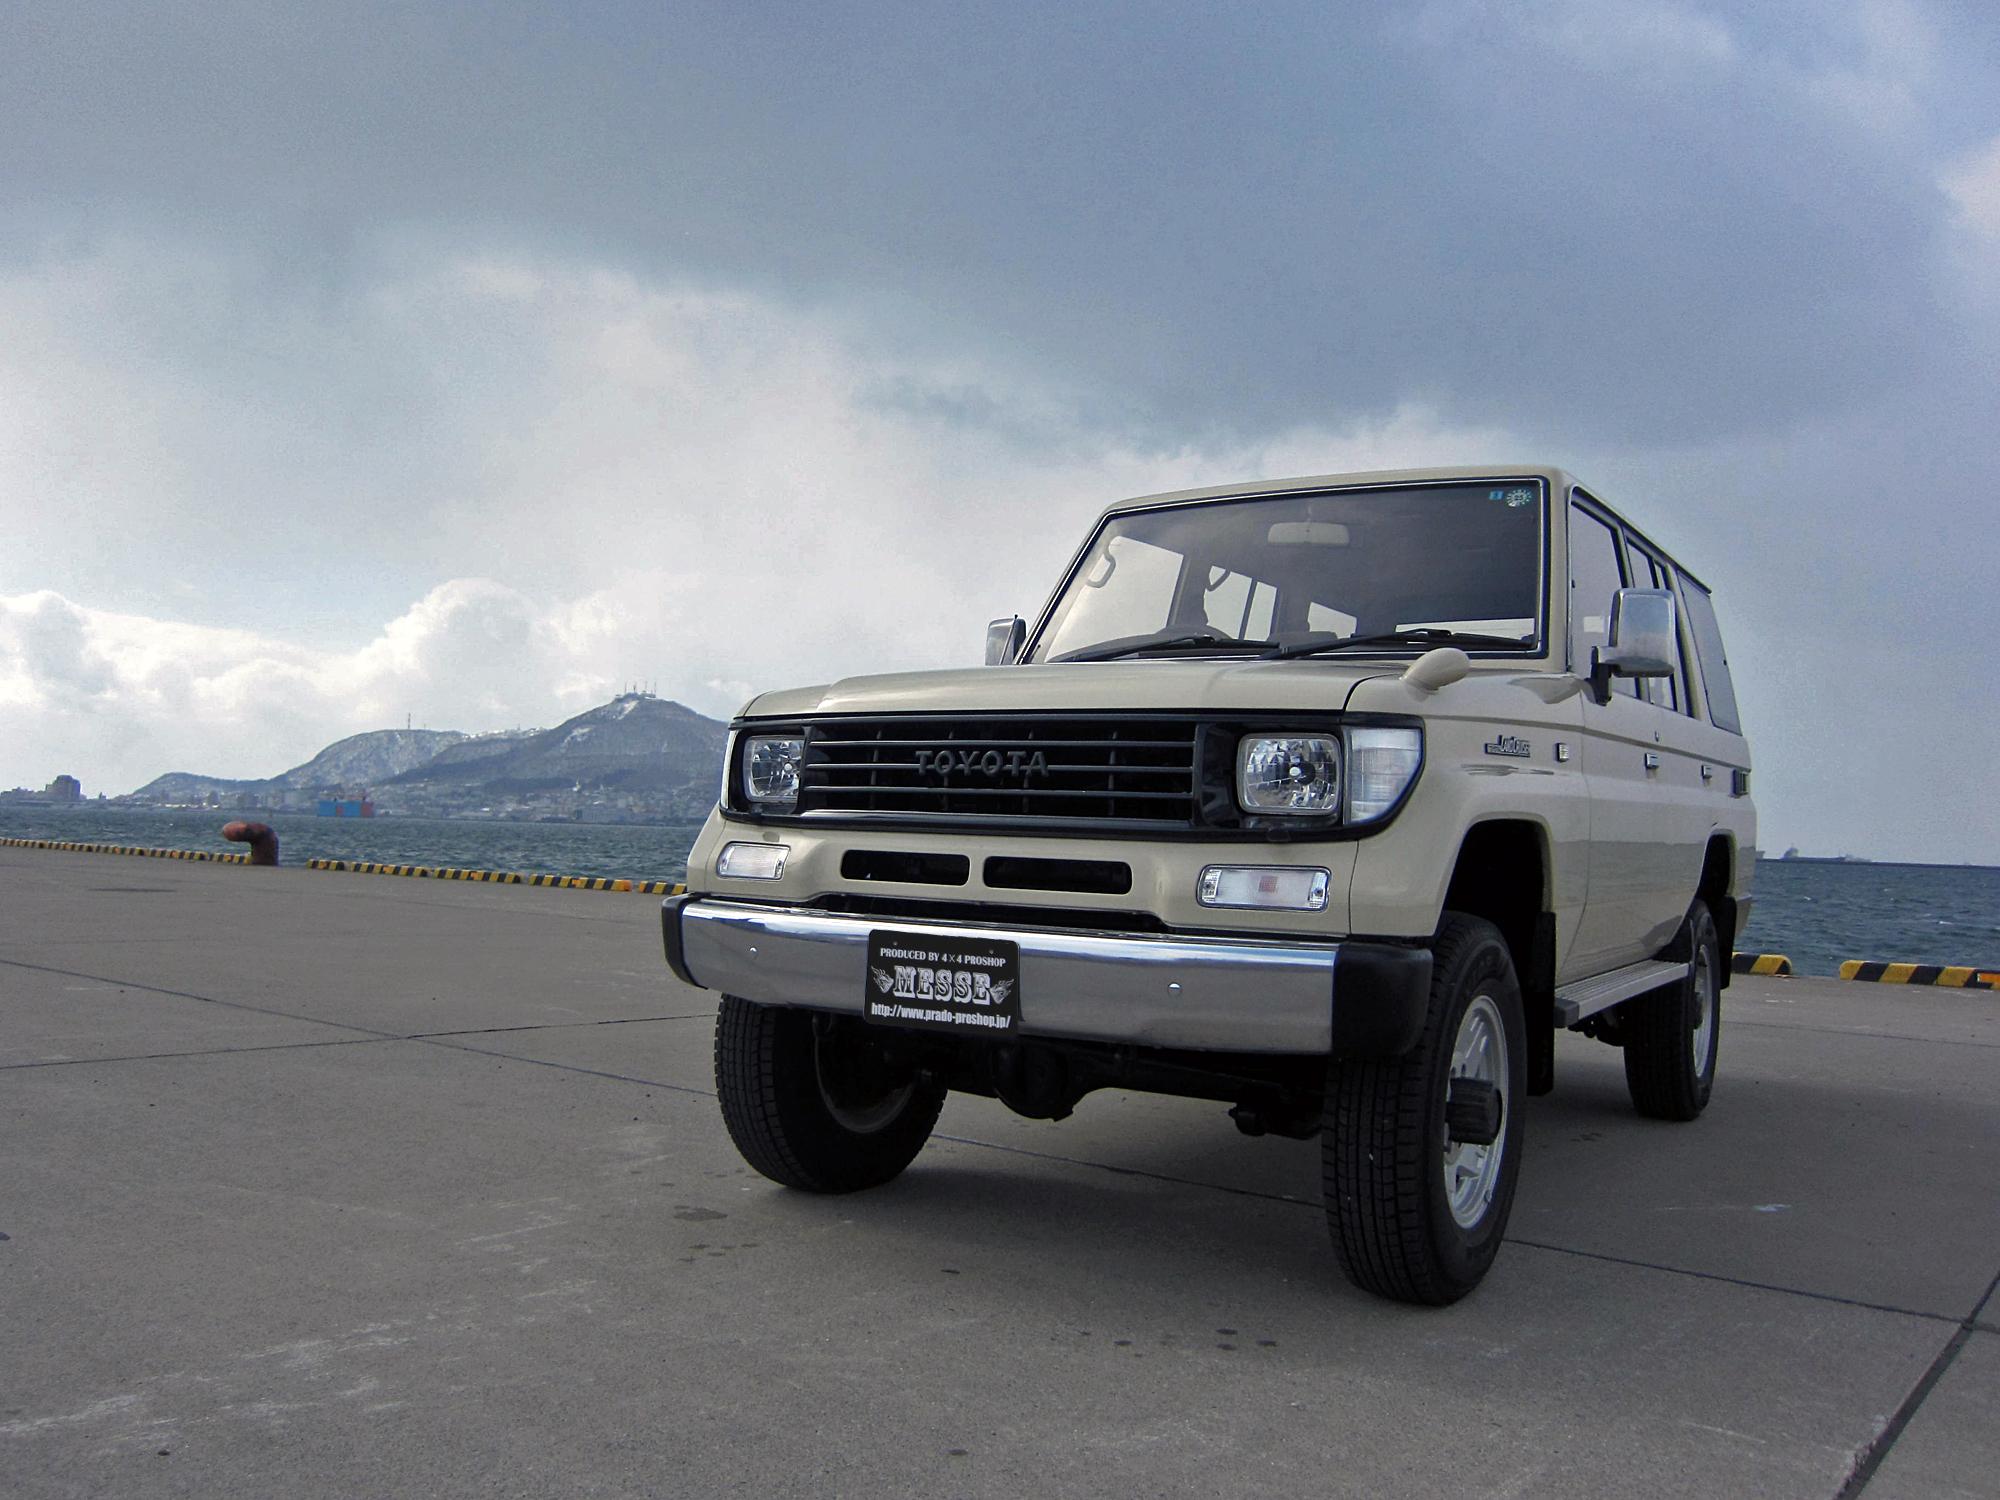 78プラドカスタム中古車北海道櫻井さん01